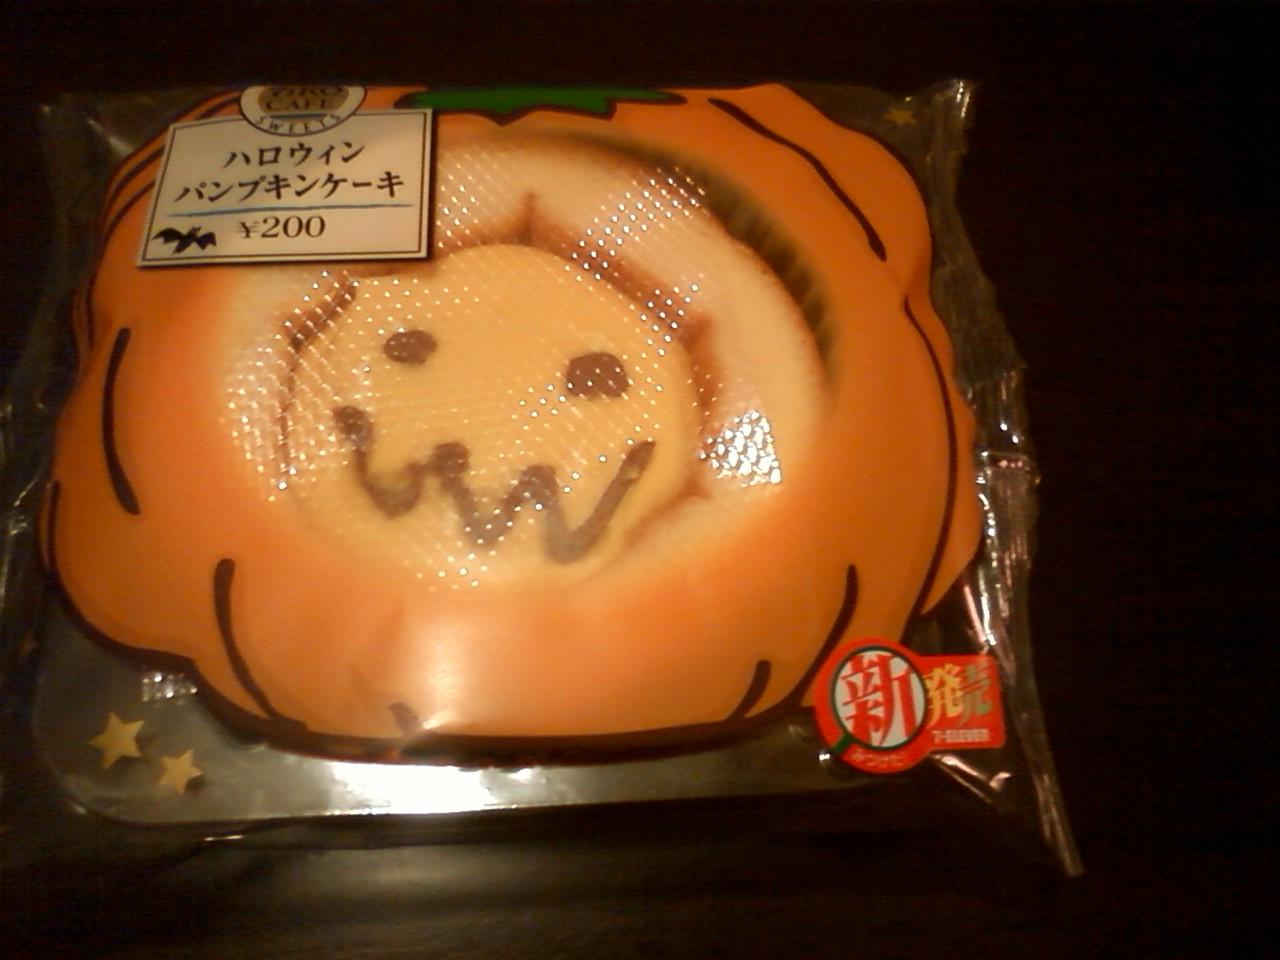 ハロウィンパンプキンケーキパッケージ